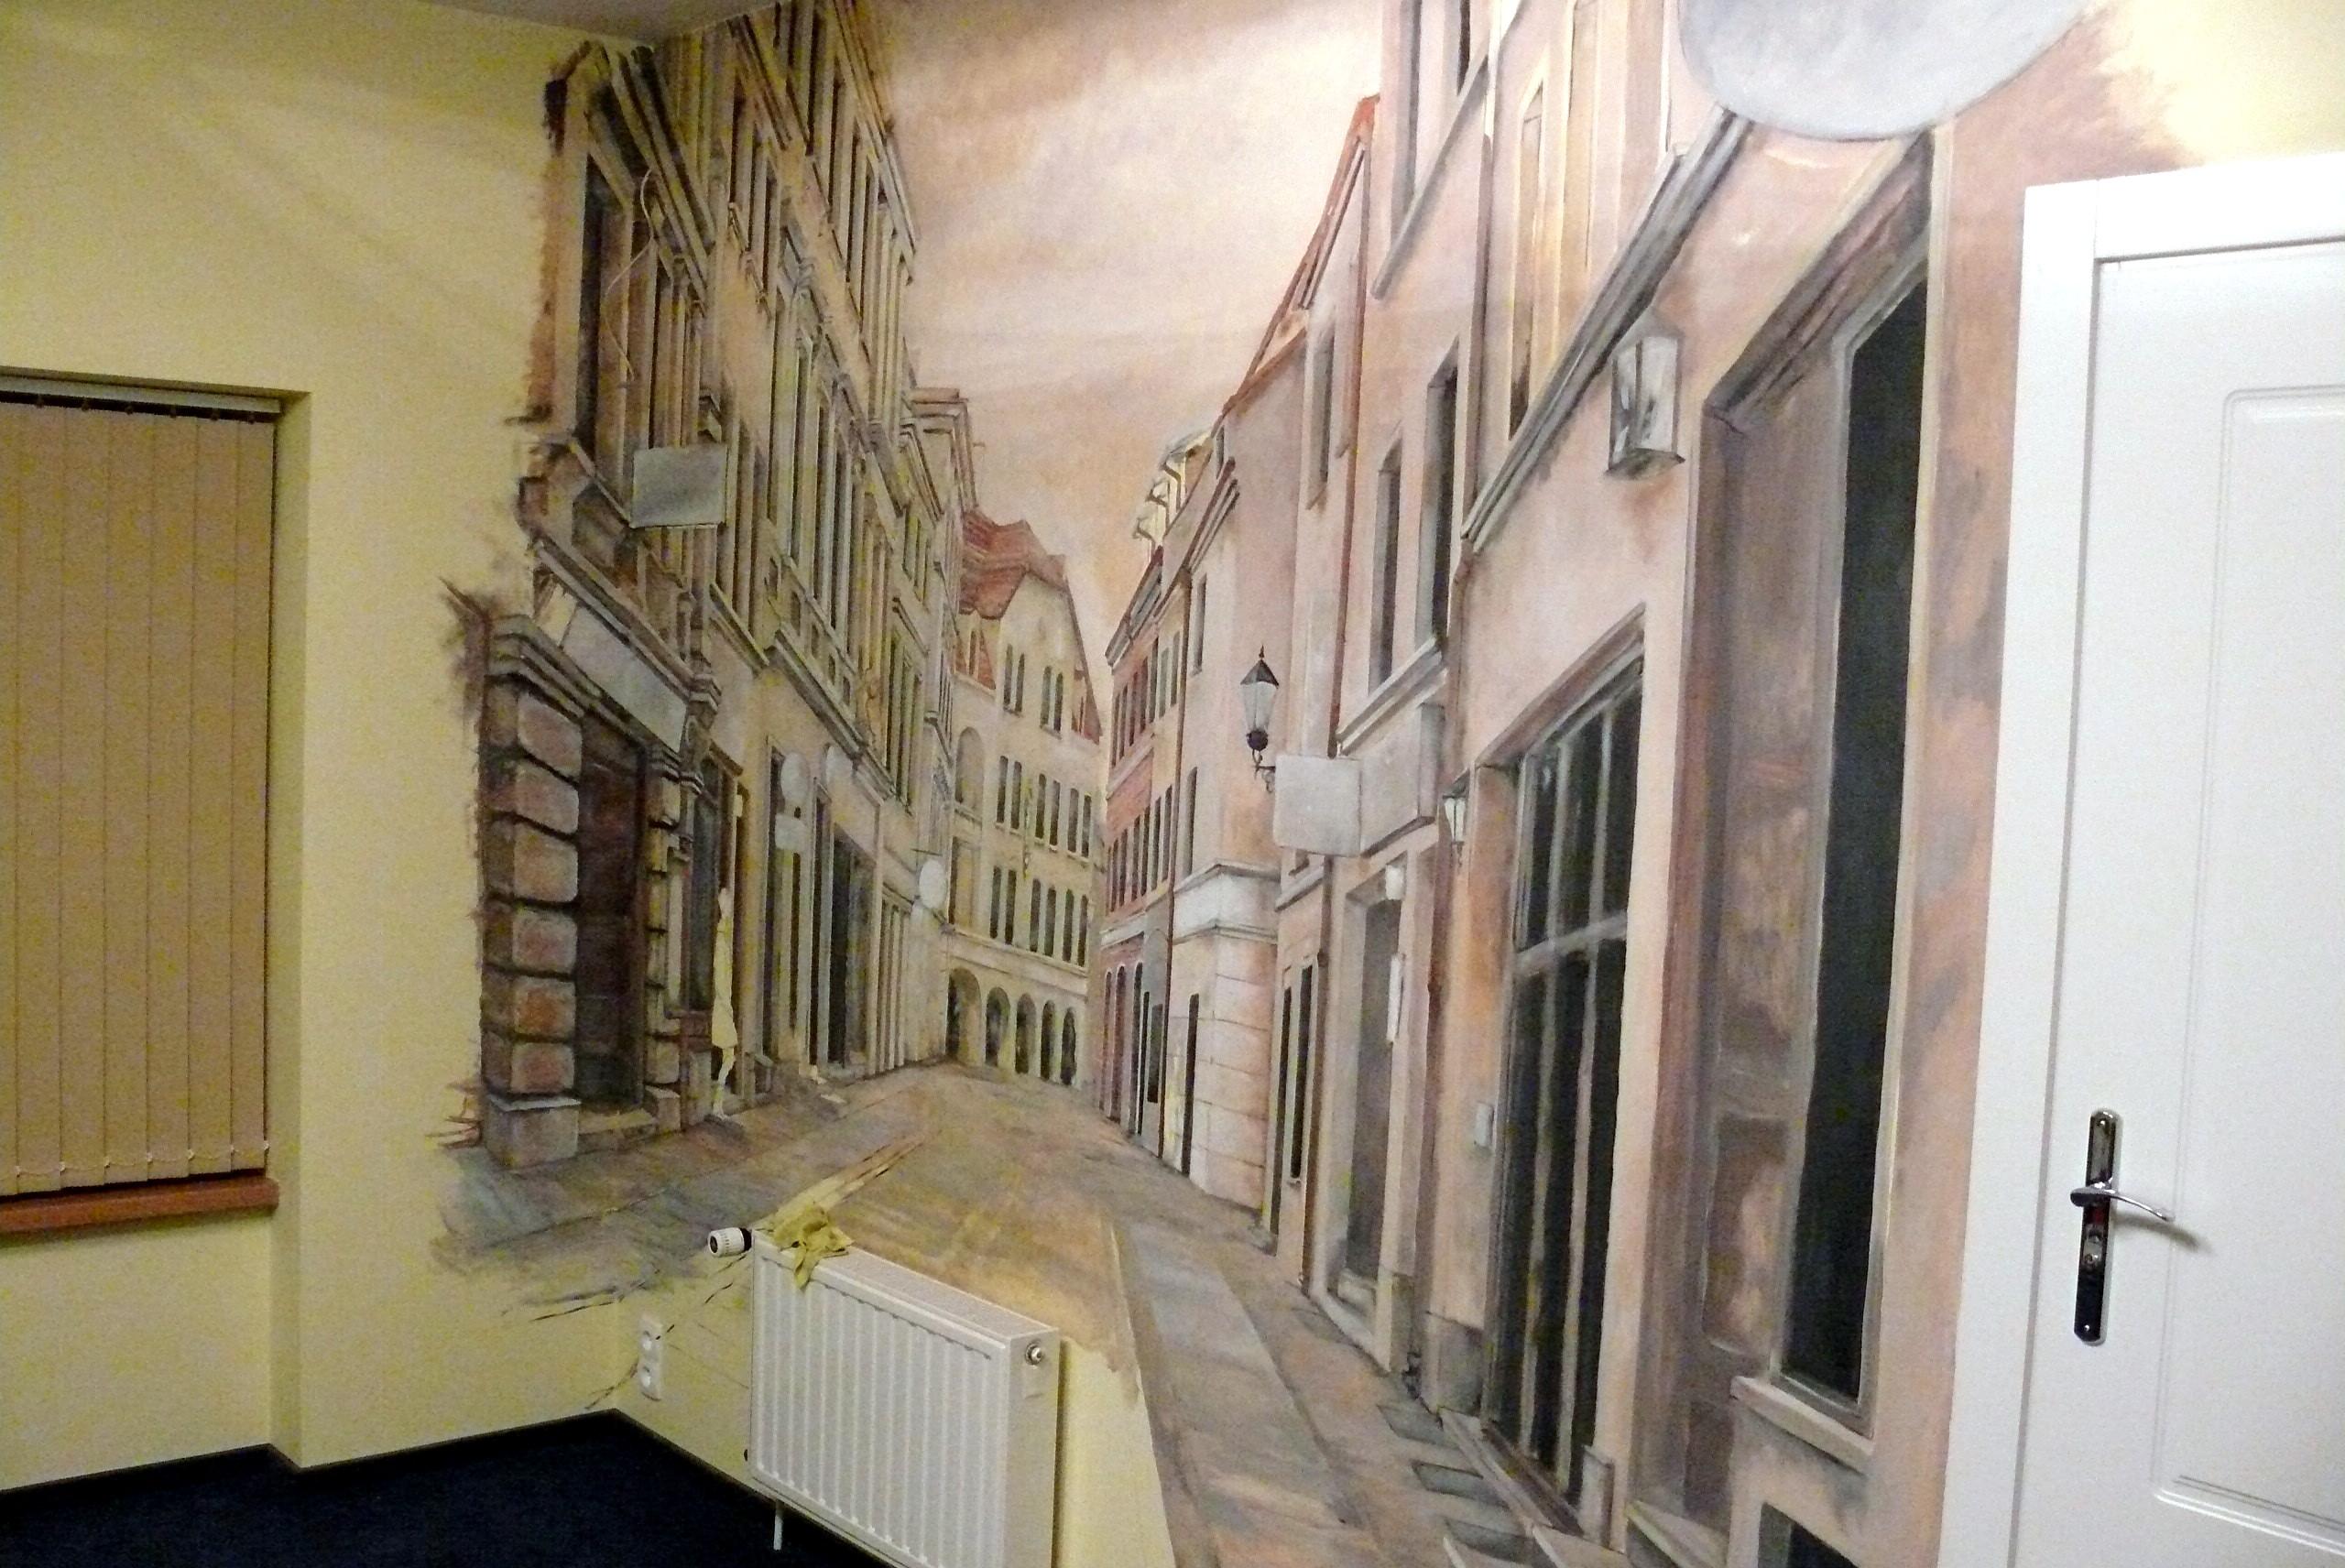 Aranżacja ściany w biurze malowanie murali